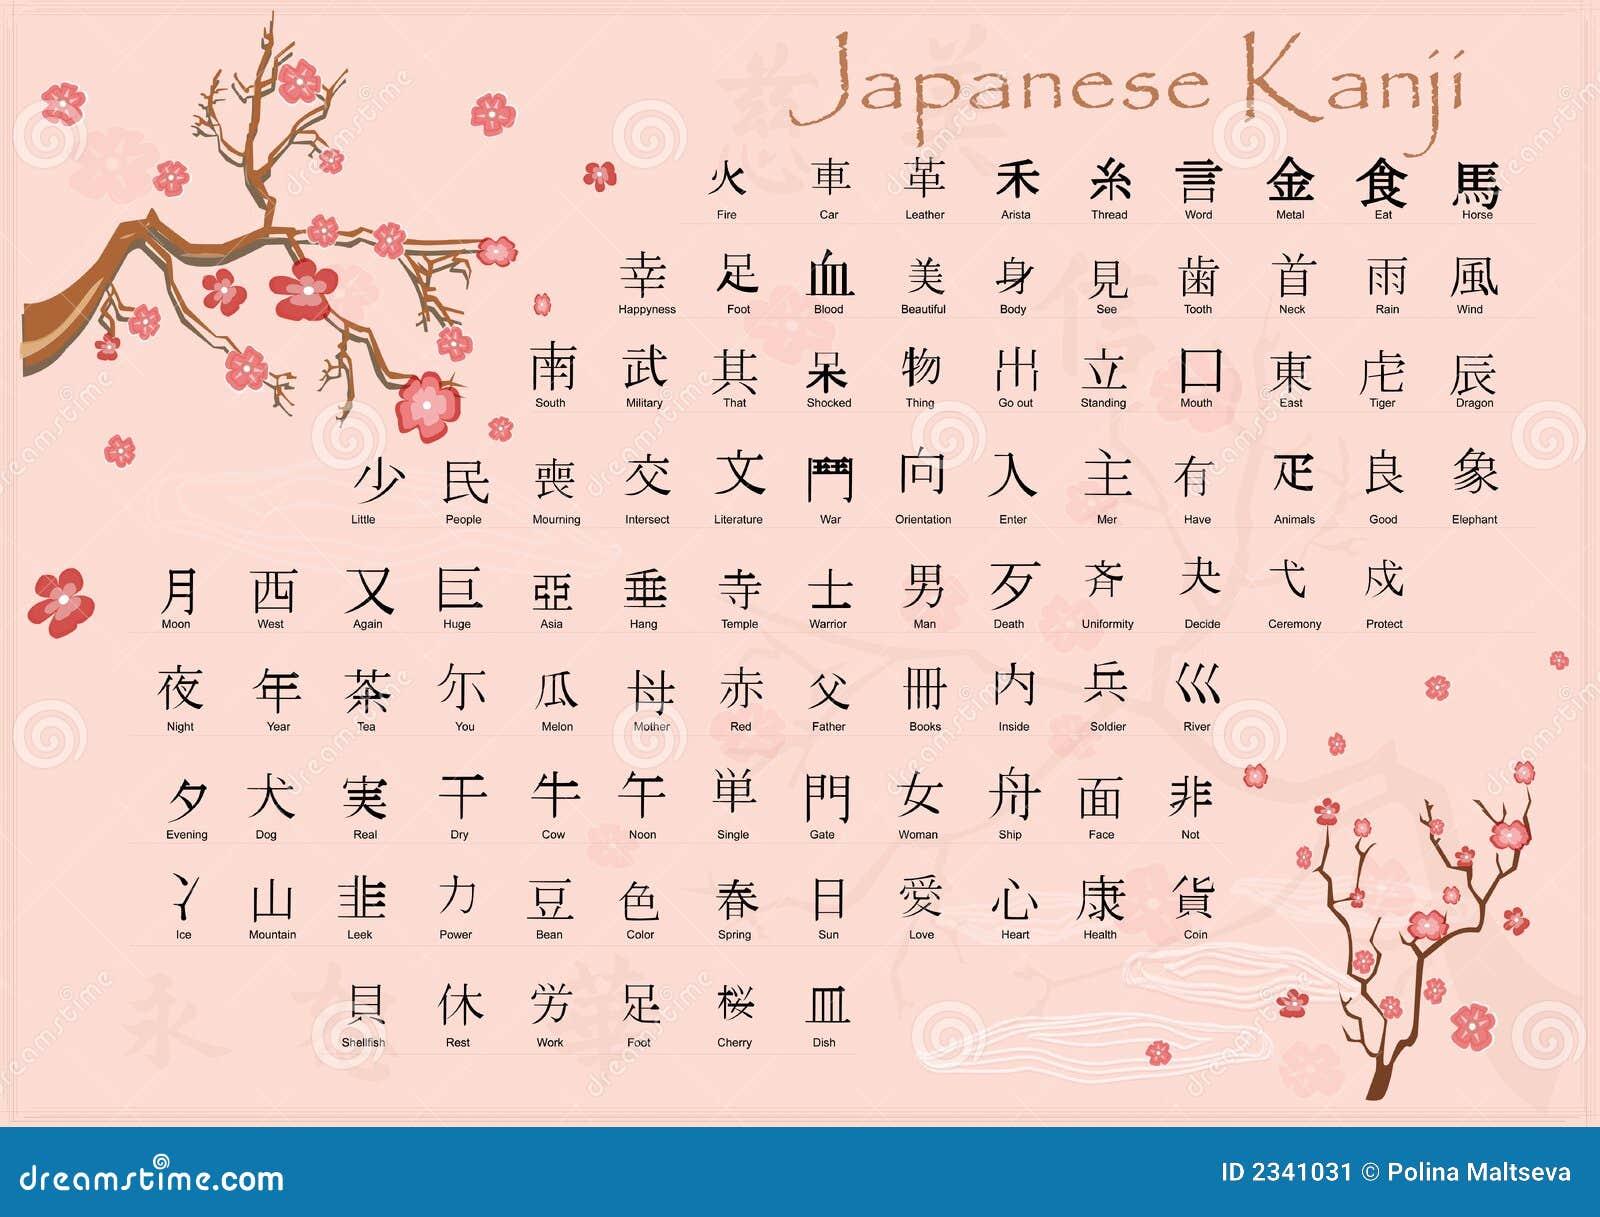 how to say major in kanji